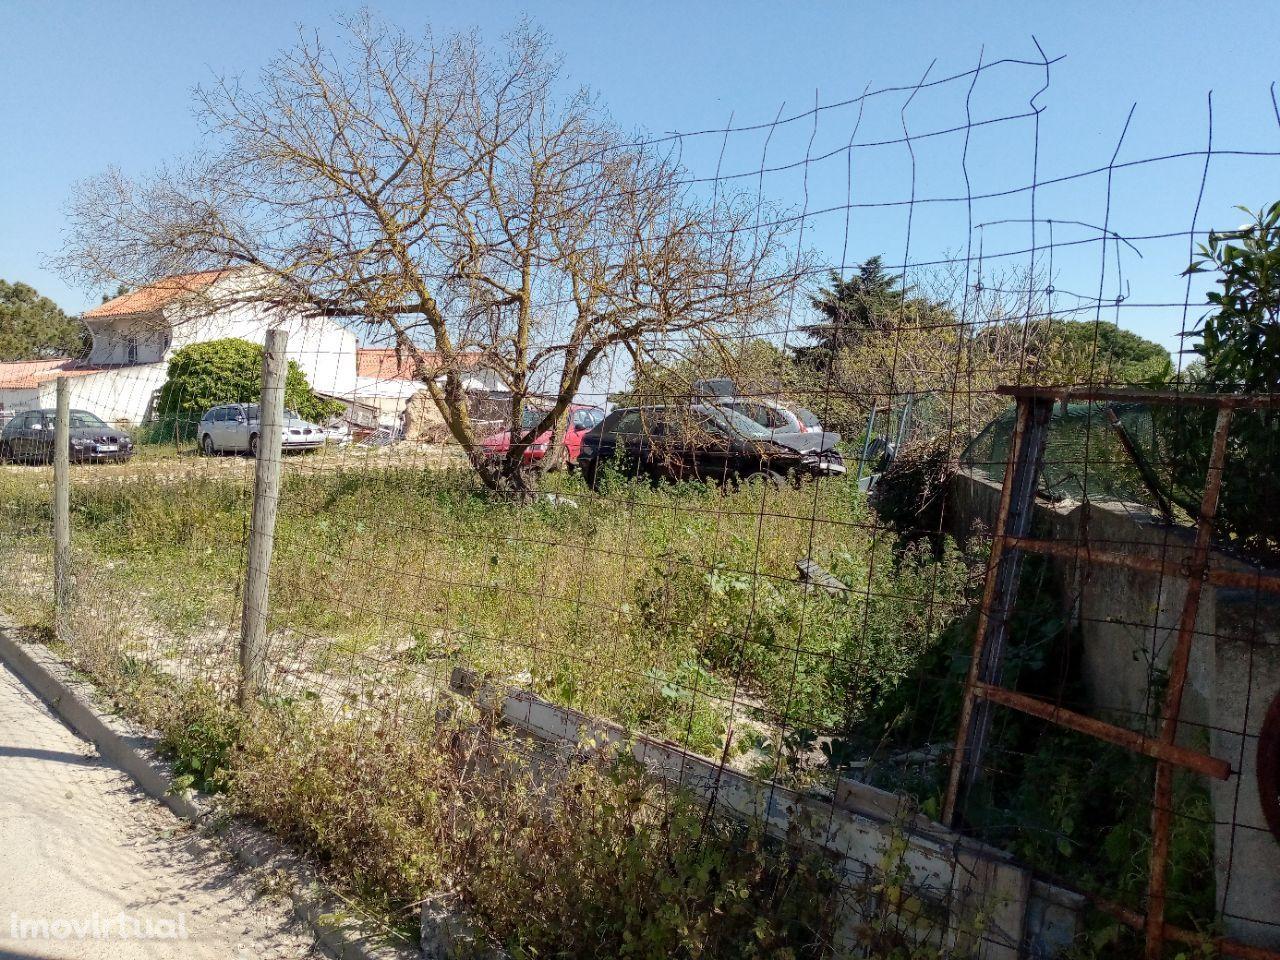 Terreno Urbano Vale Milhaços - Corroios